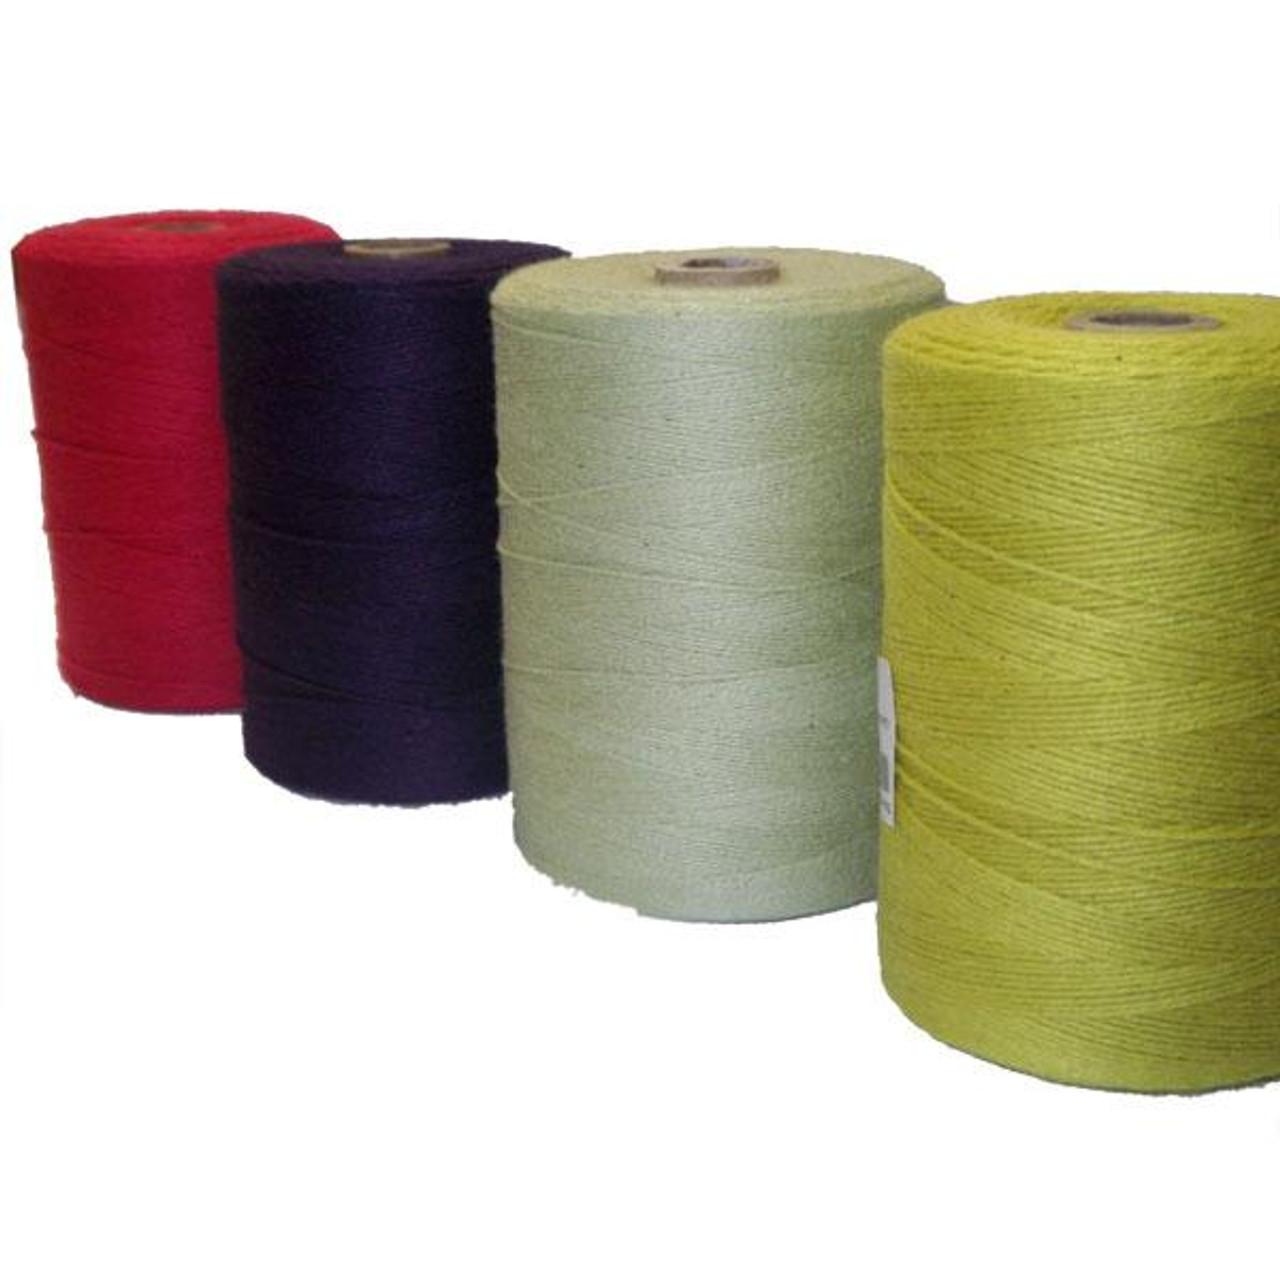 Maysville 8 4 Cotton Rug Warp Yarn The Woolery